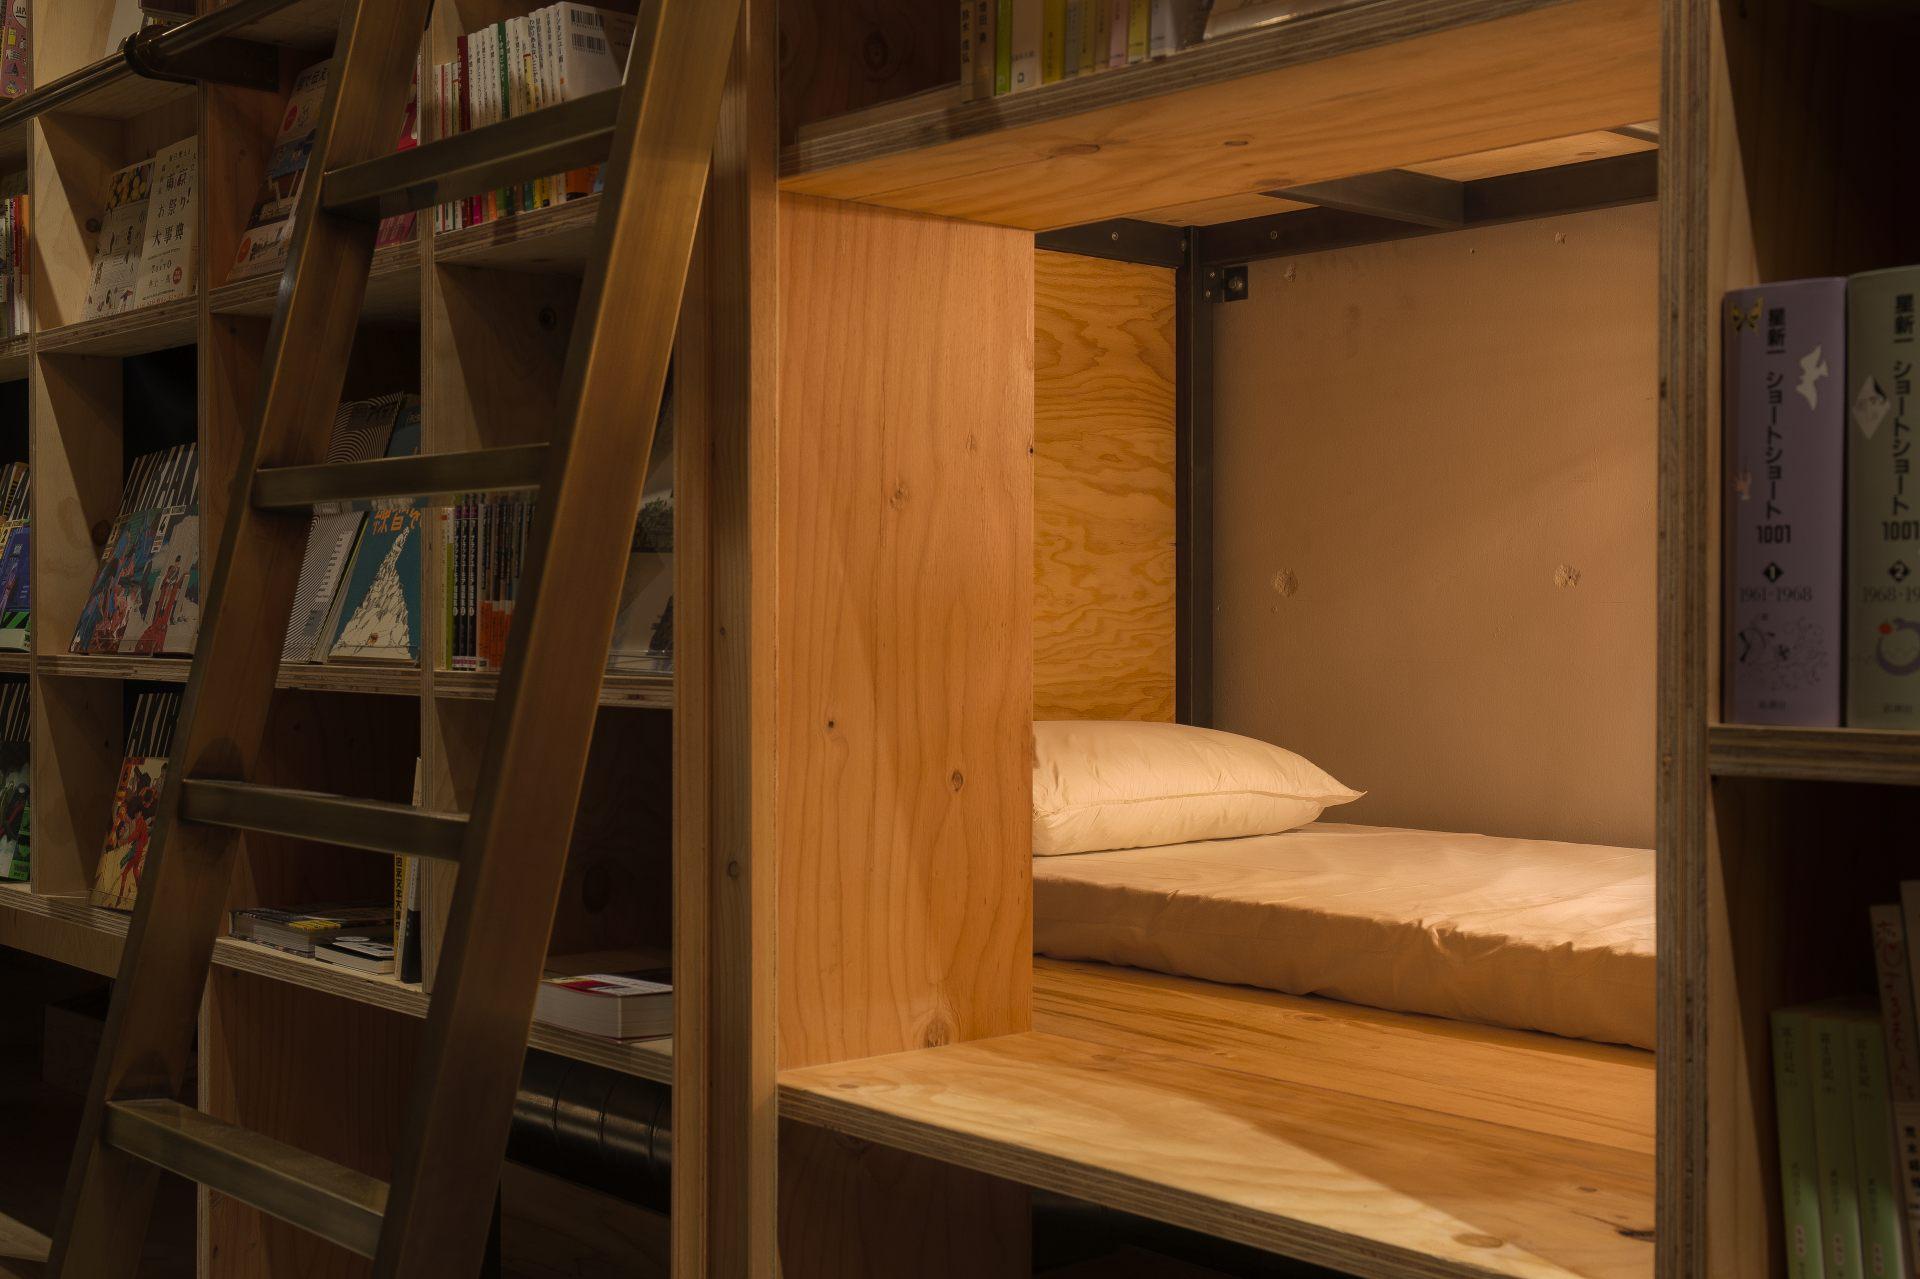 书架中的寝室